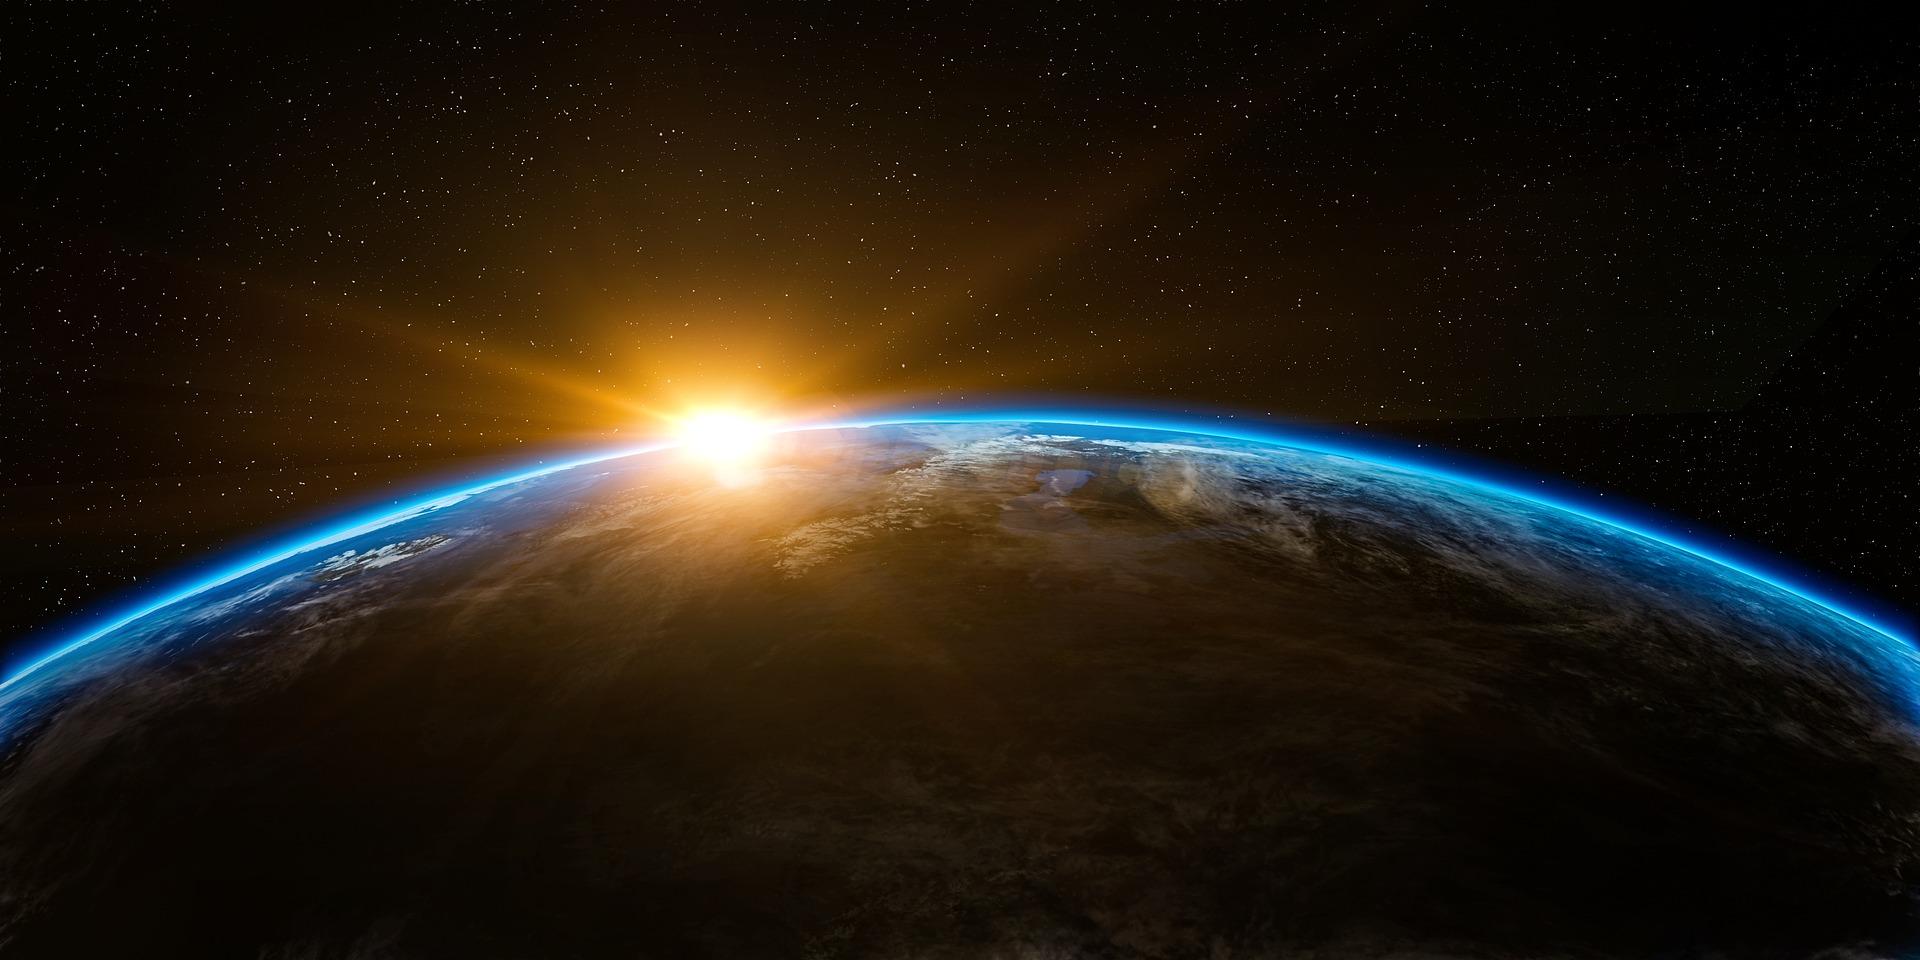 Tómate un respiro y admira nuestra Tierra